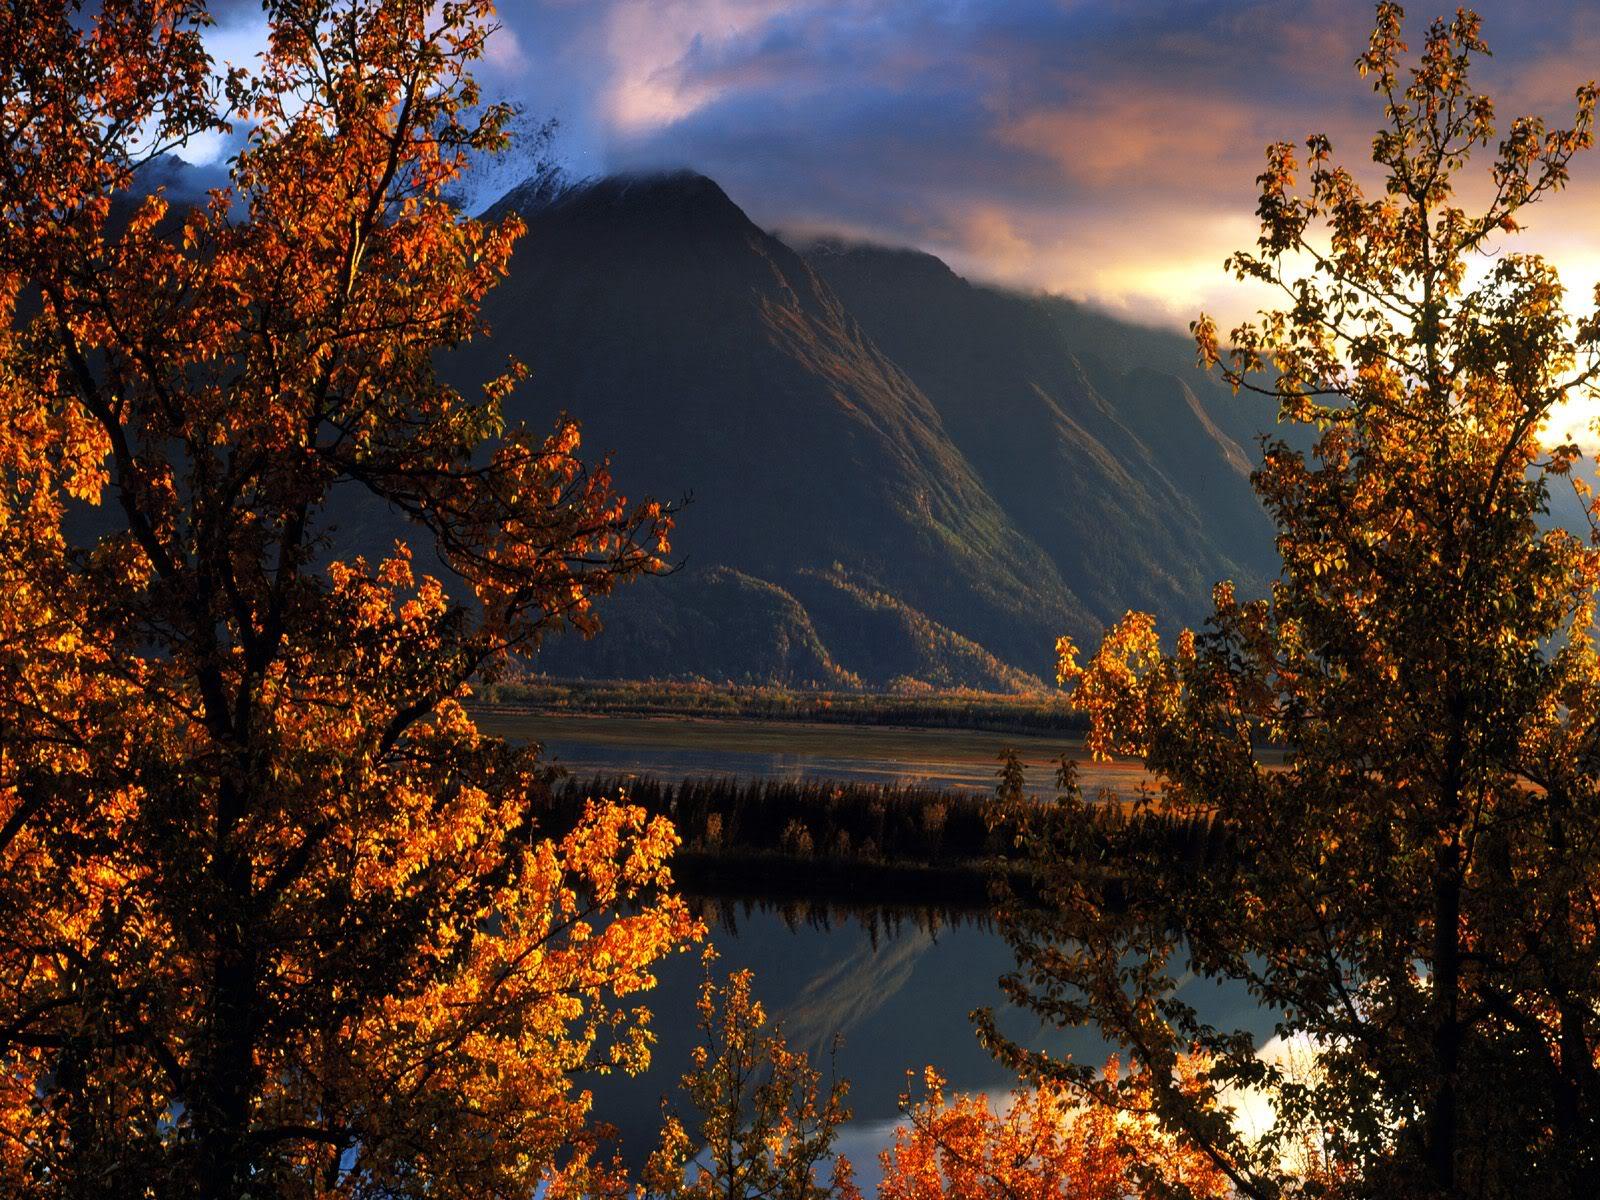 அழகு மலைகளின் காட்சிகள் சில.....02 - Page 22 PioneerPeakMatanuskaValleyAlaska